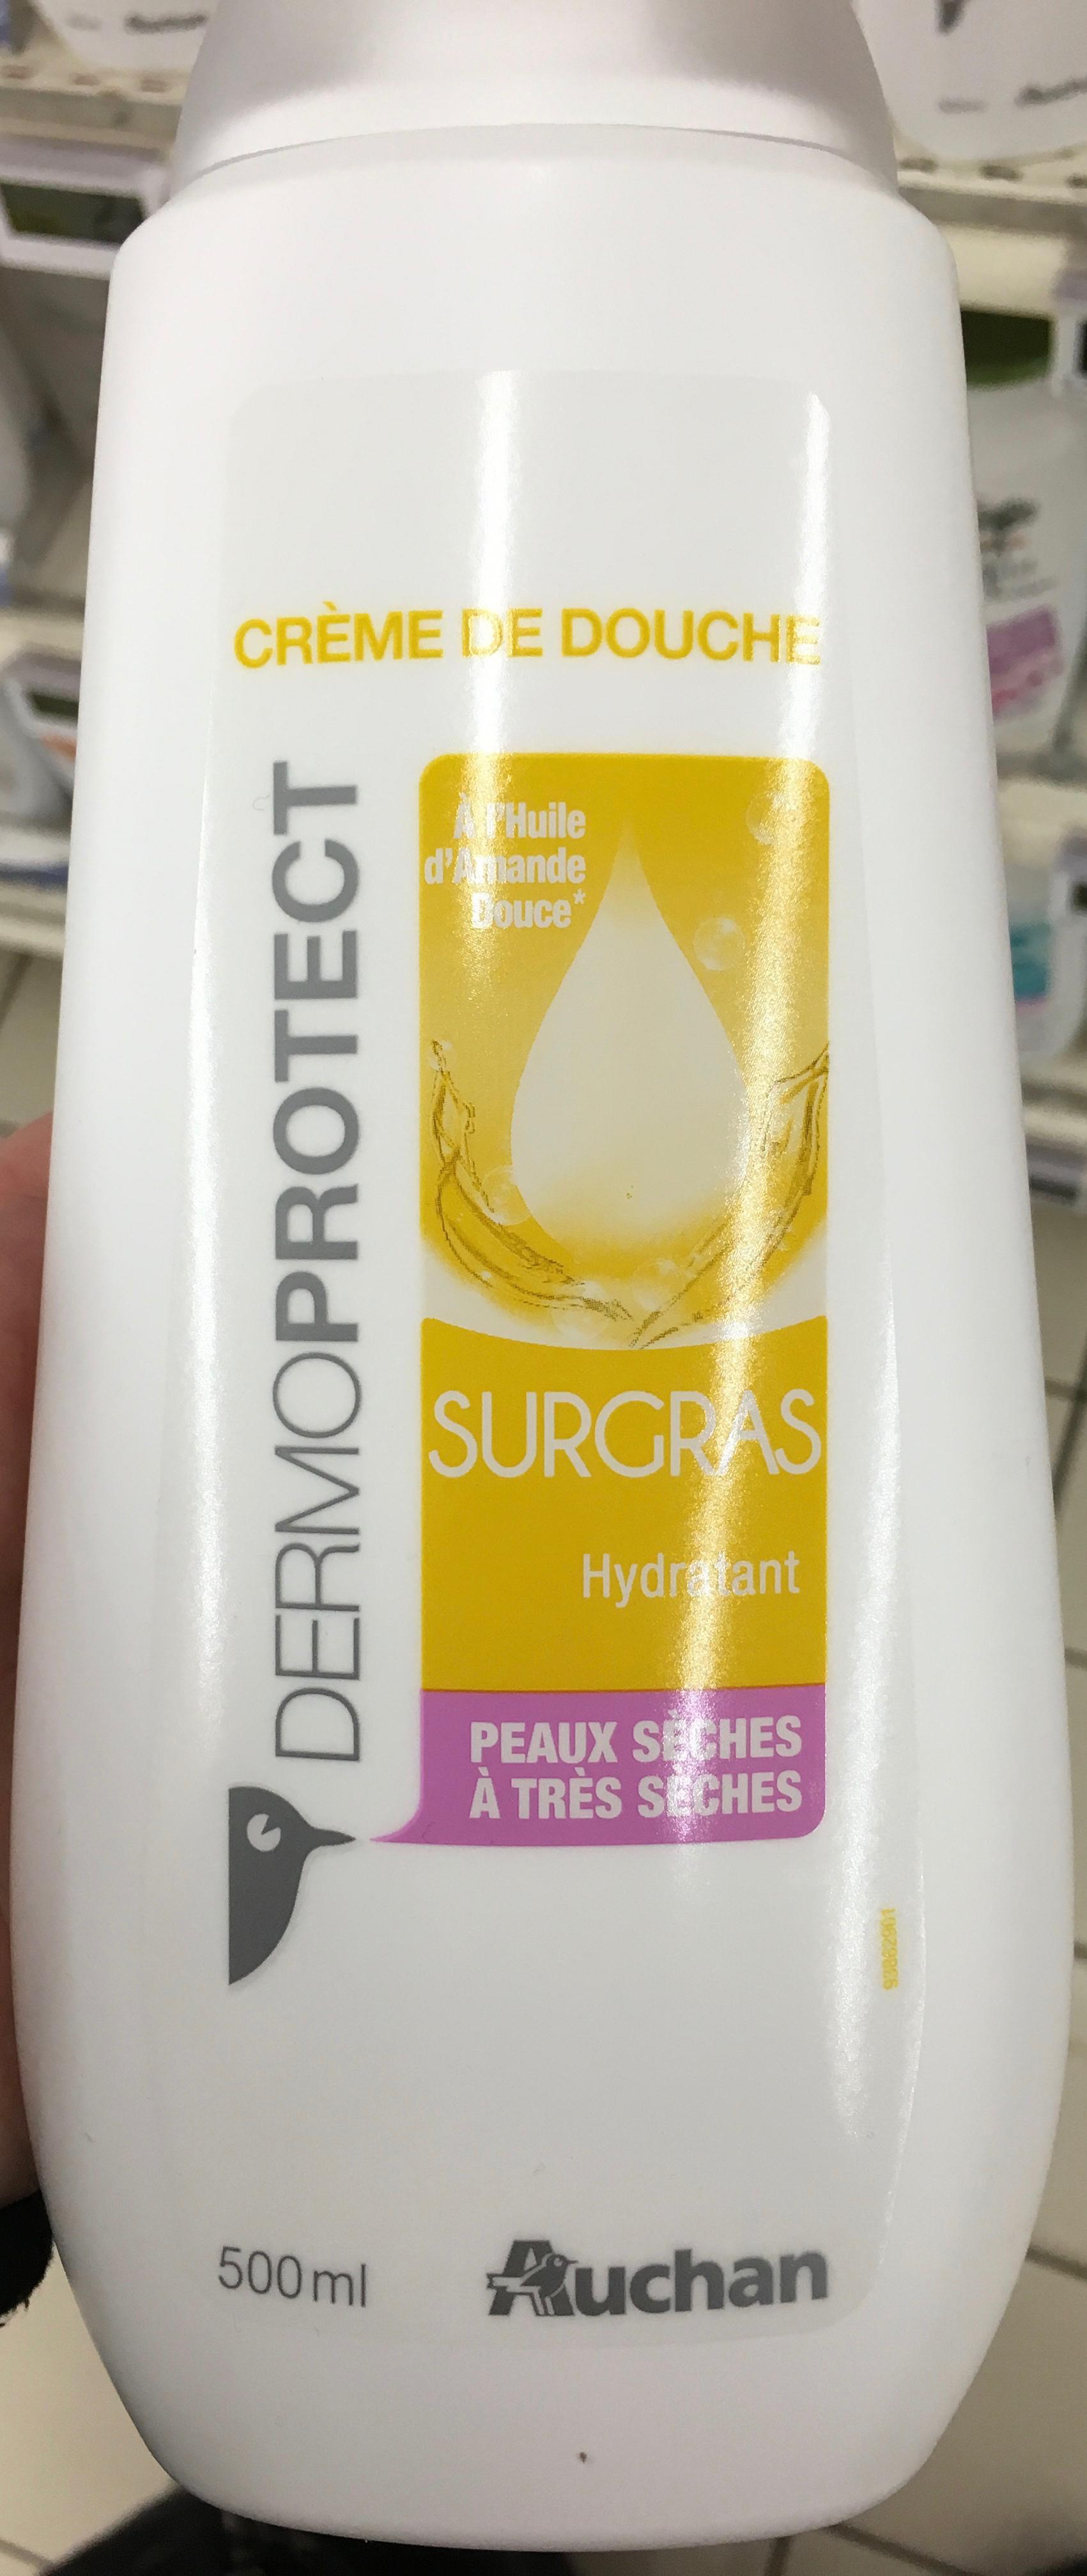 Crème de douche Dermo Protect surgras - Product